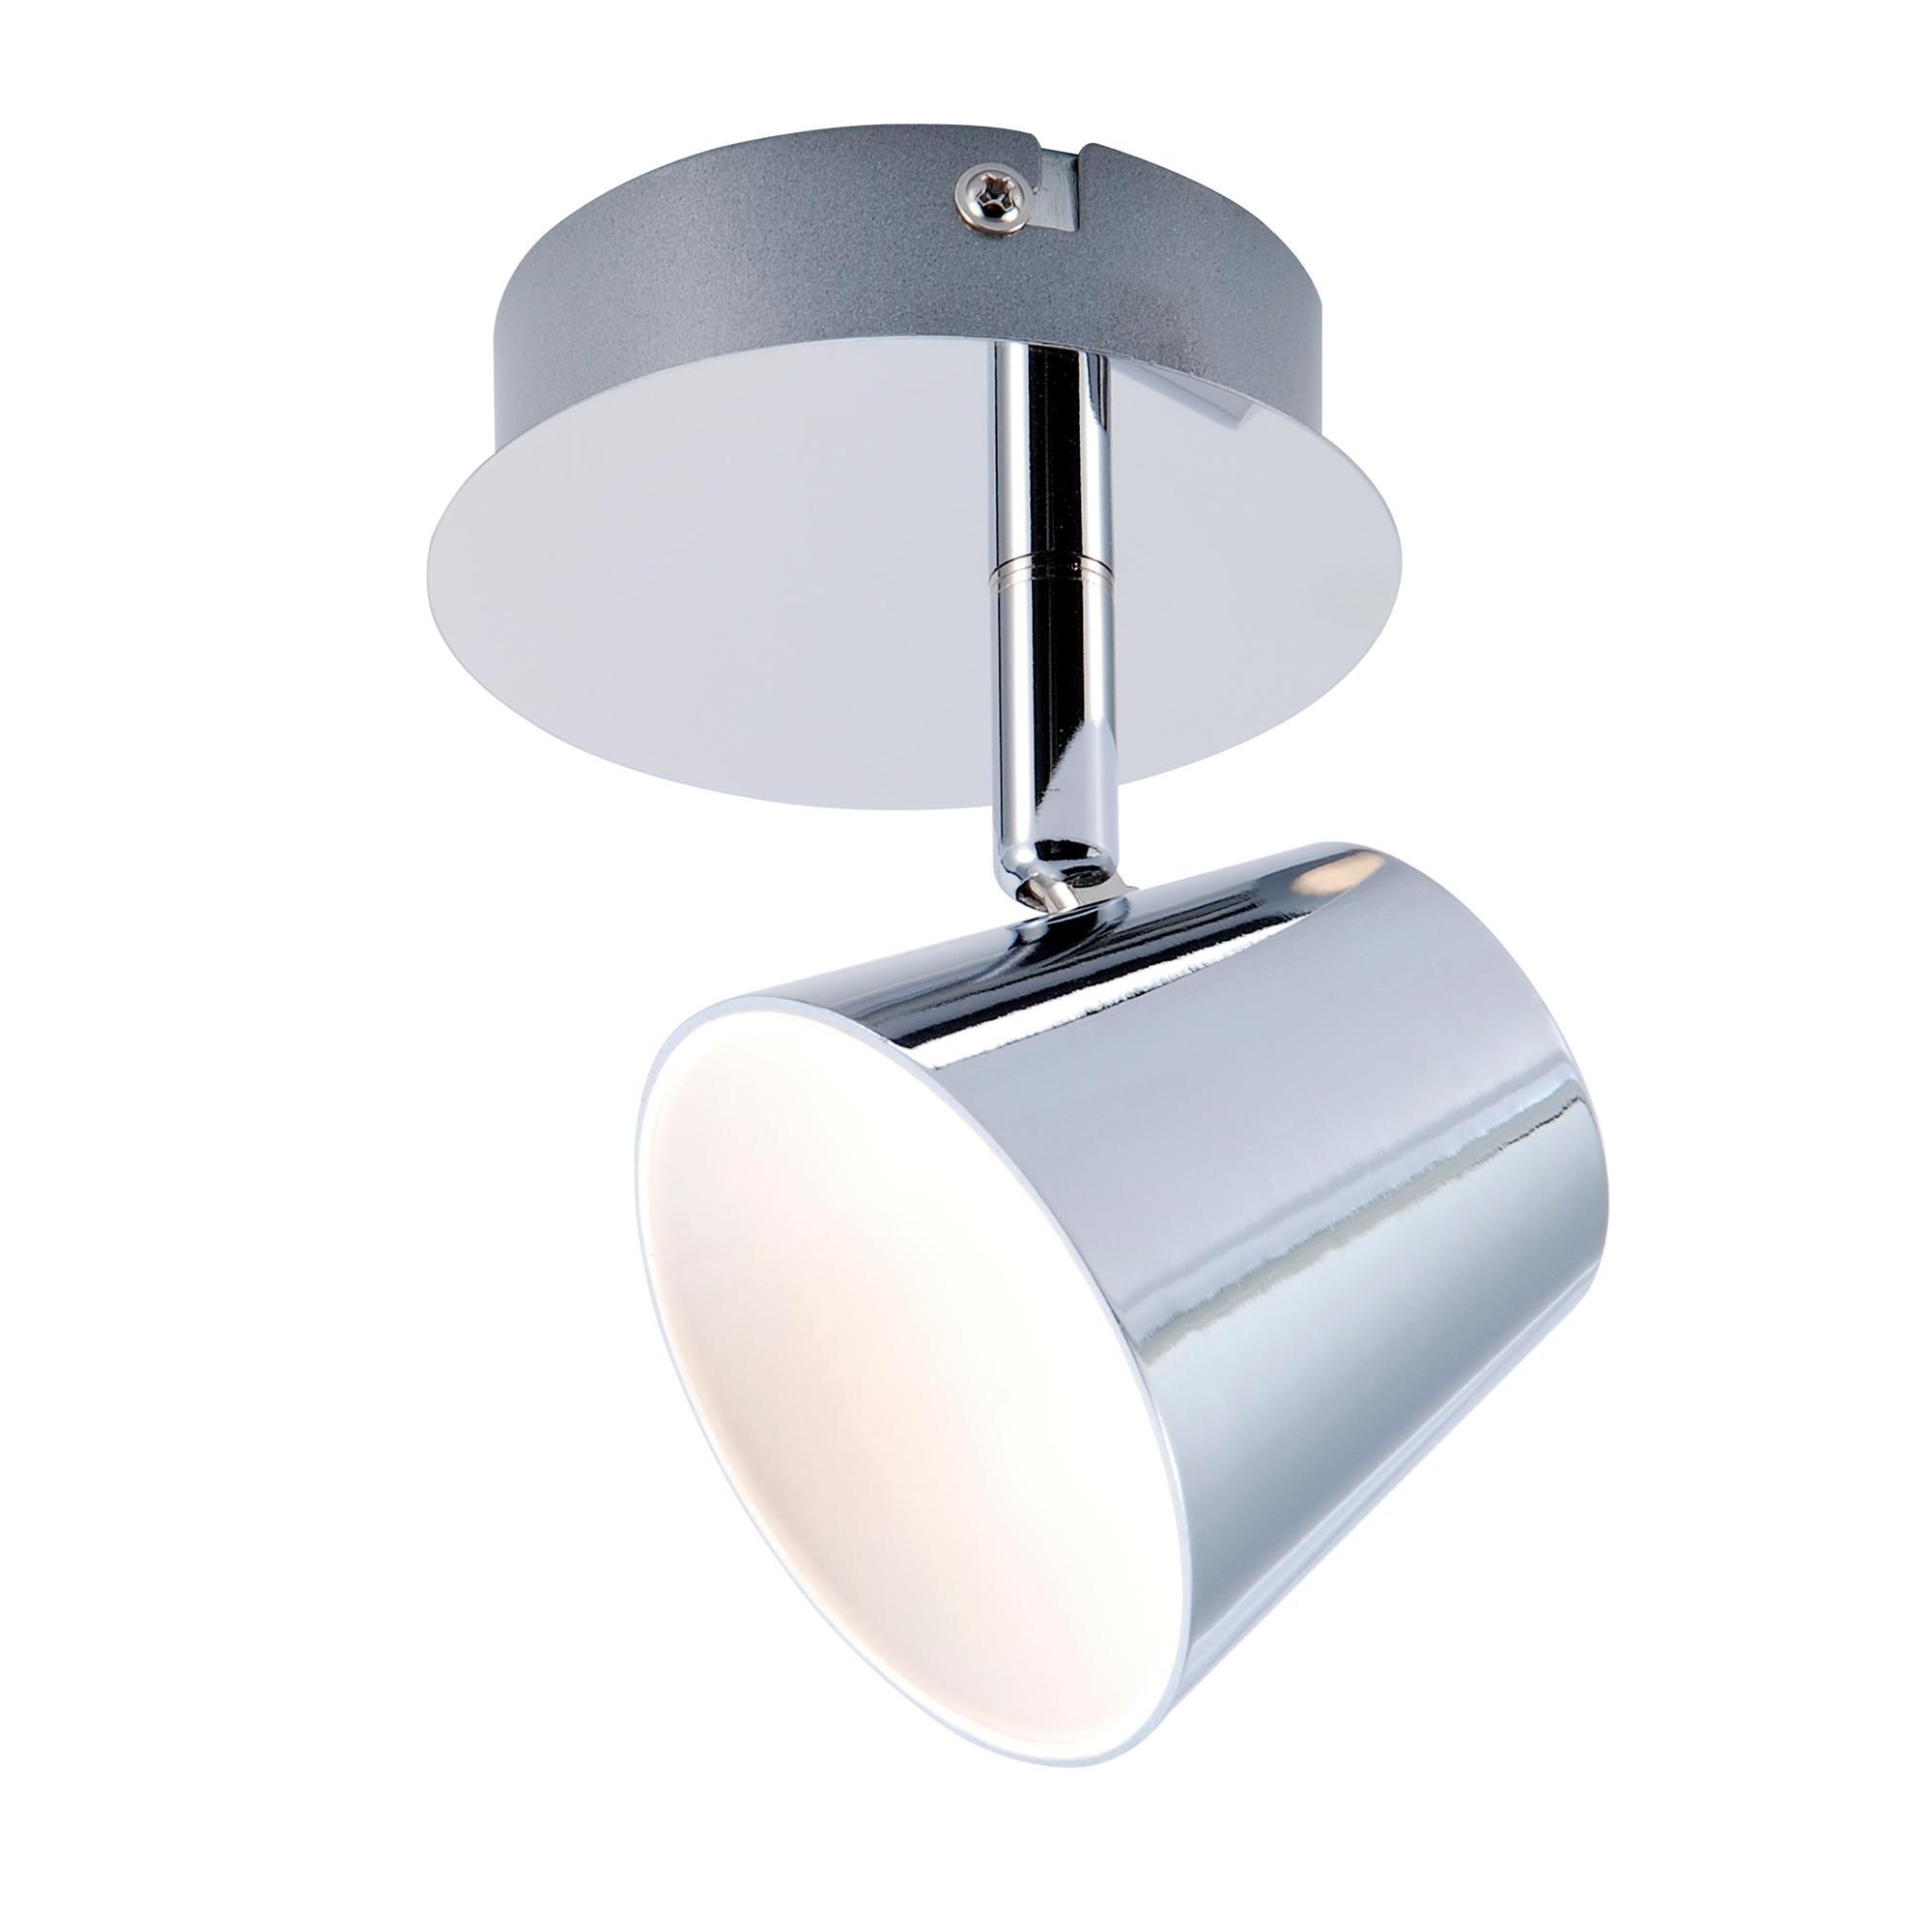 Спот J-light OKIN 1224/1A LED*1*6W хром/хром спот j light damon 1410 1a gu10 1 35w хром хром